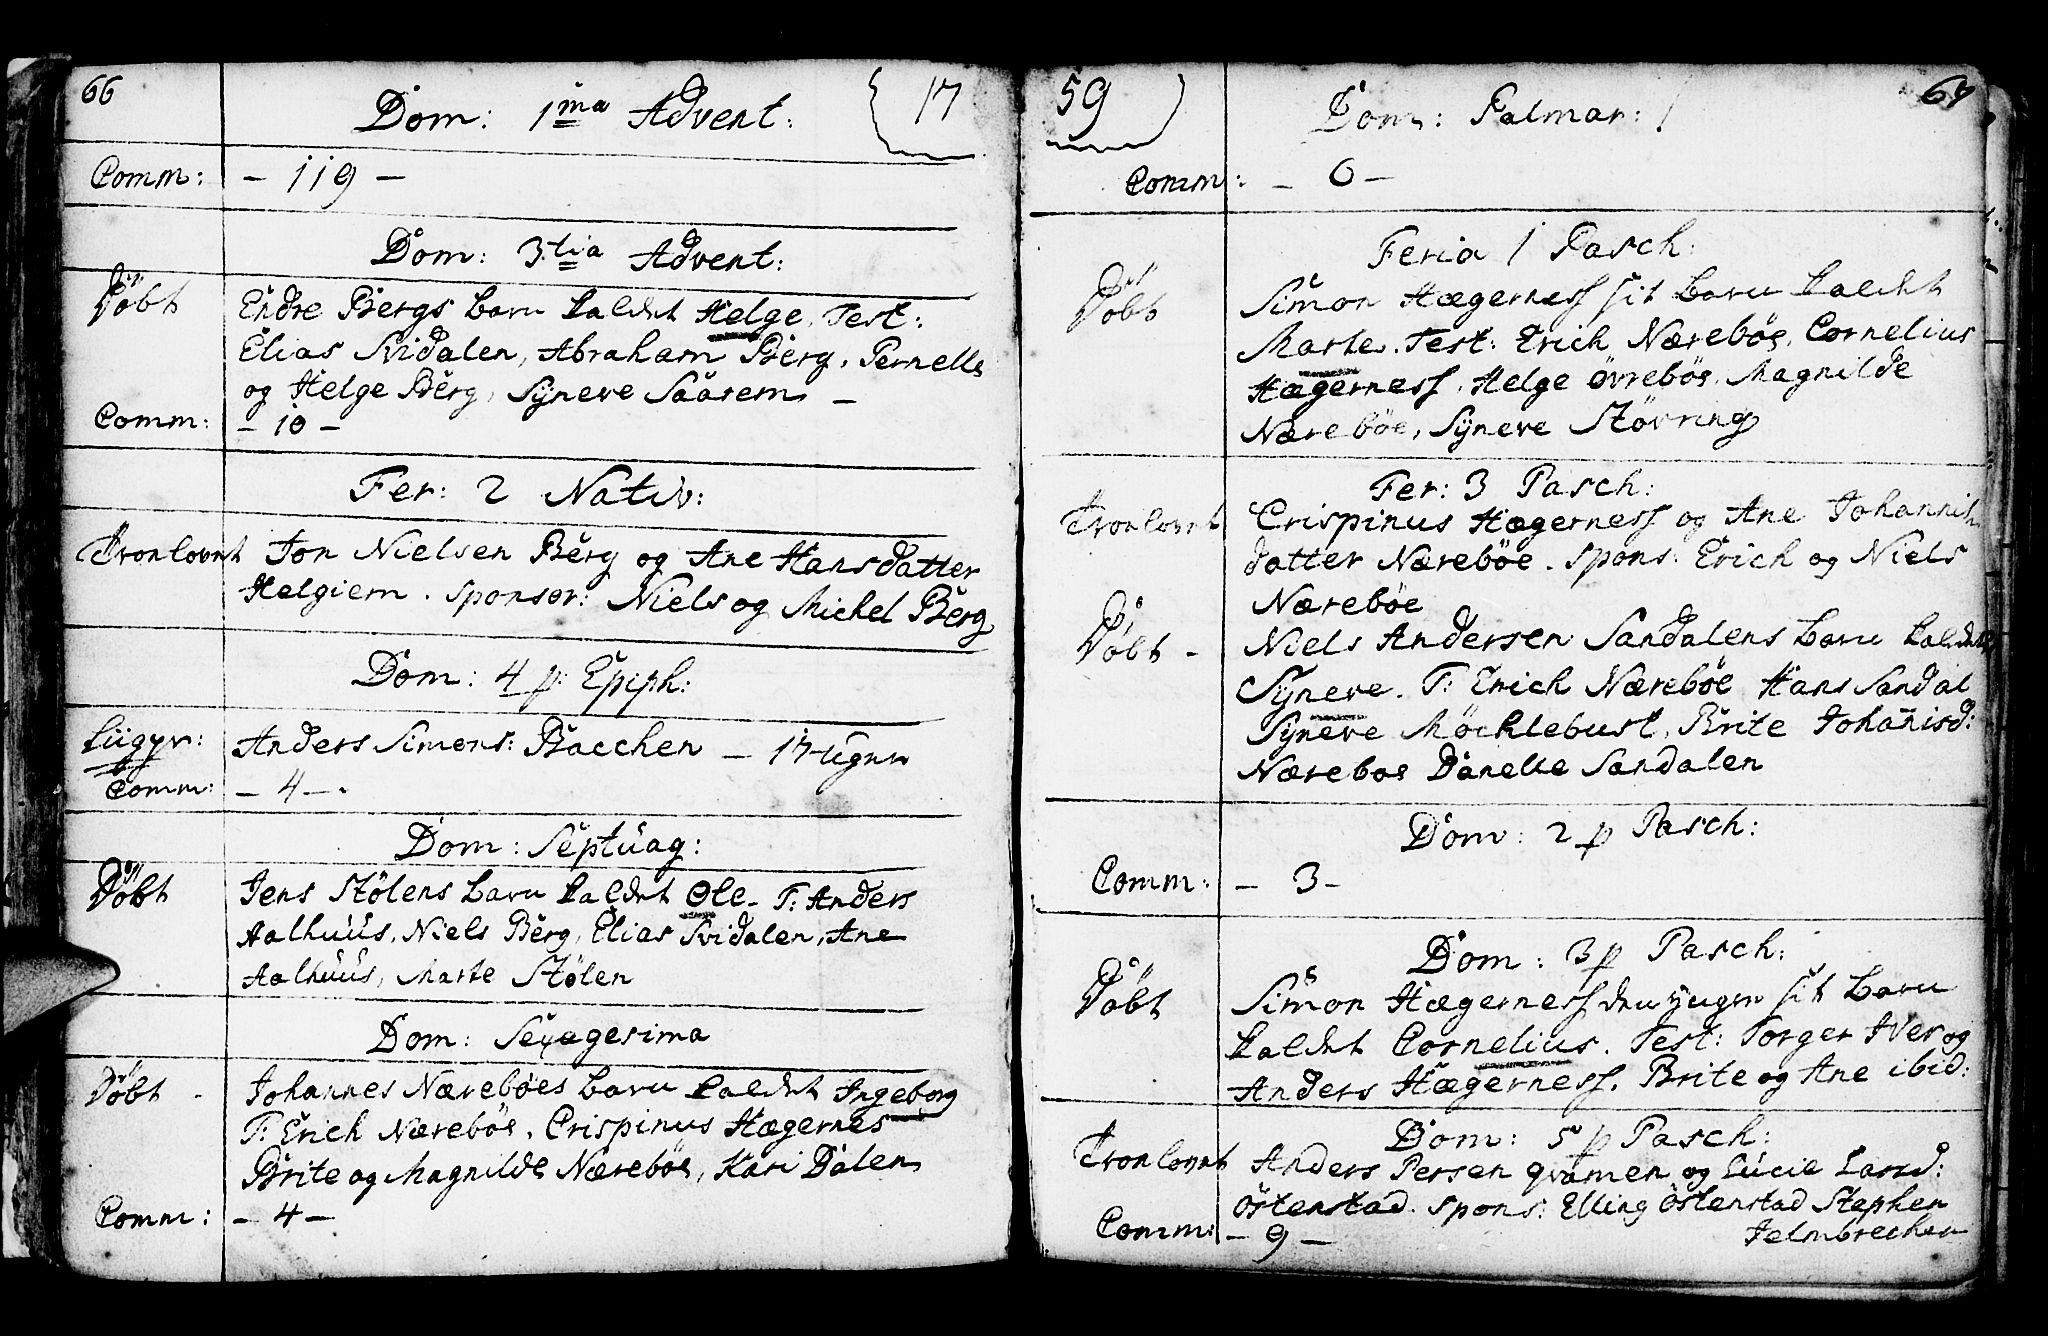 SAB, Jølster Sokneprestembete, Ministerialbok nr. A 3, 1748-1789, s. 66-67